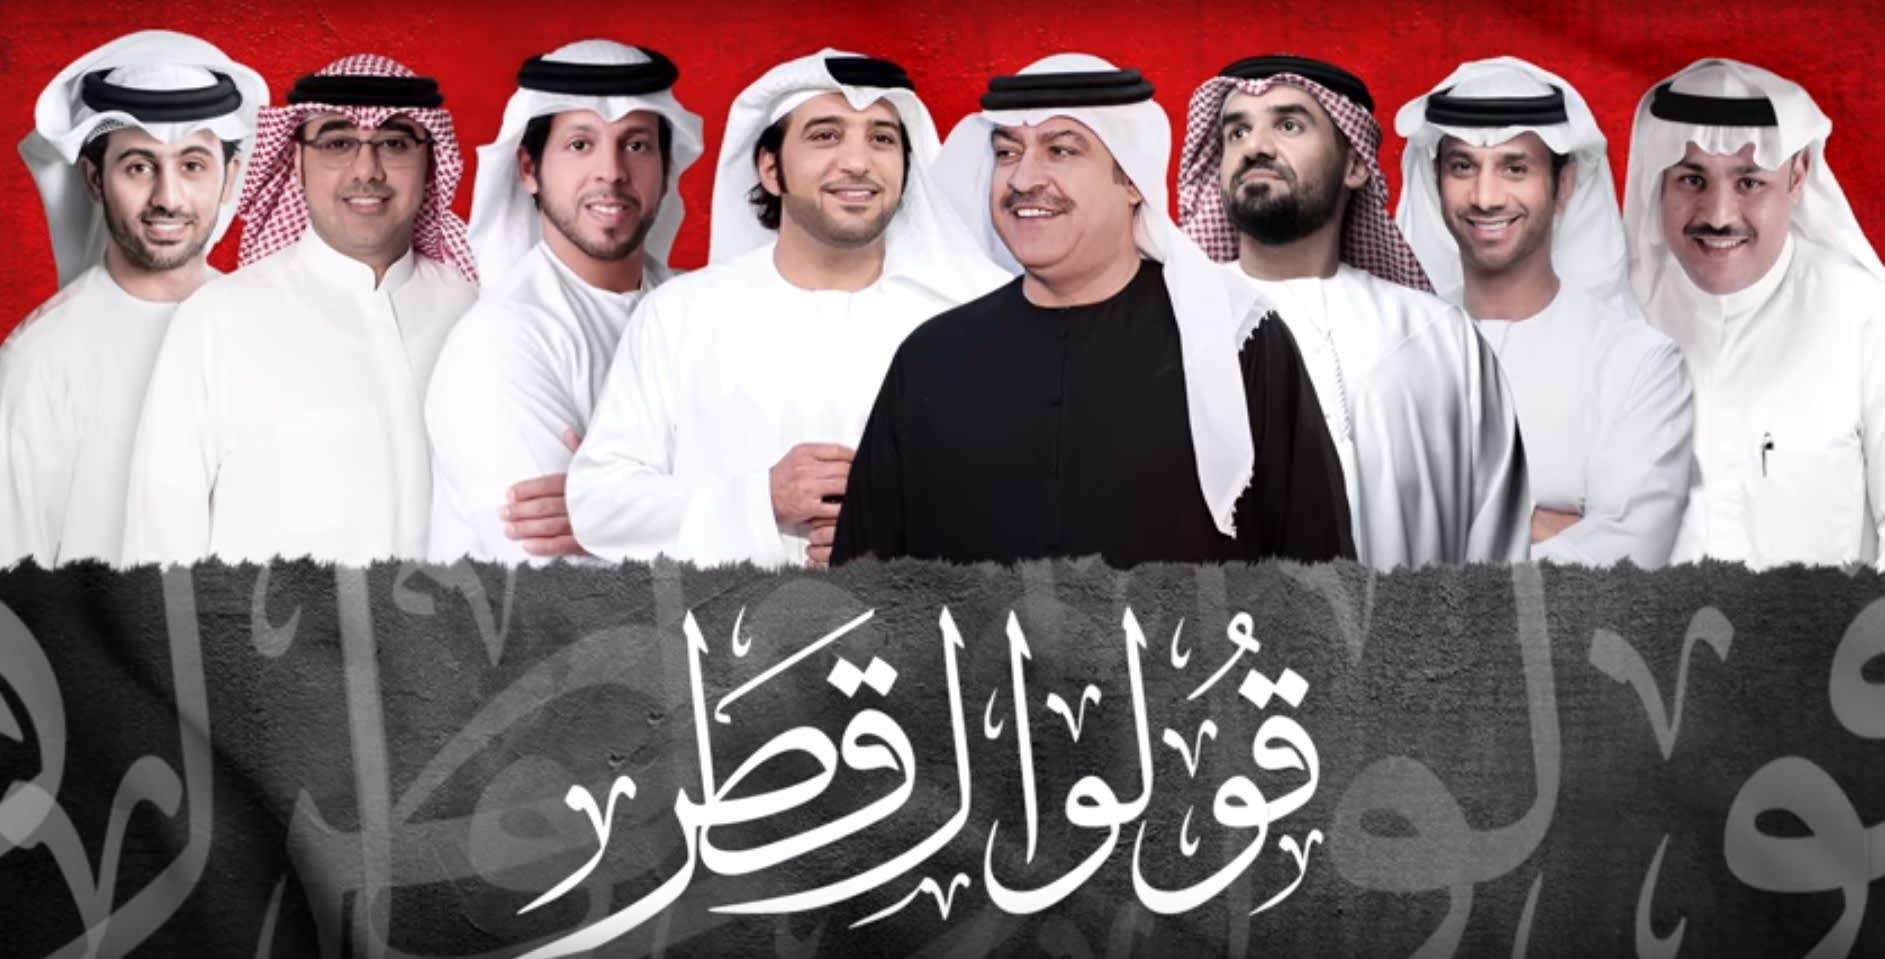 قولوا لقطر لا توصل لحد الخطر.. فنانون خليجيون ينتقدون سياسة الدوحة في أغنية جديدة